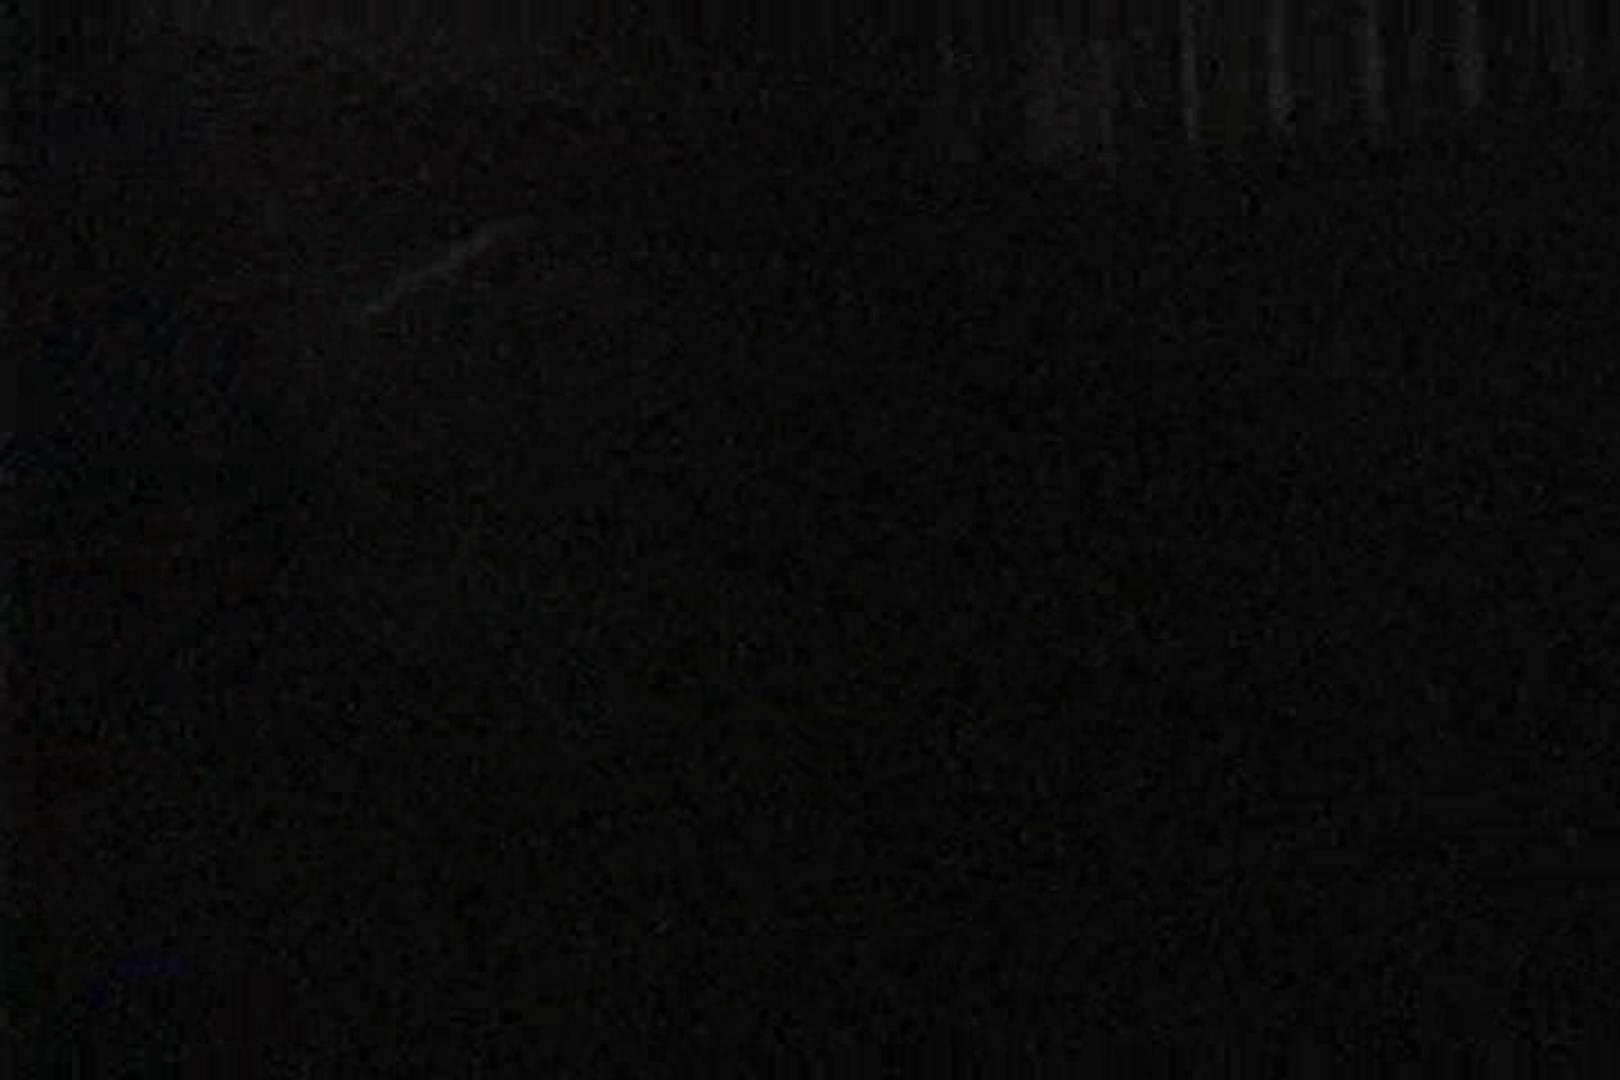 充血監督の深夜の運動会Vol.29 美乳 | OLの実態  51pic 9